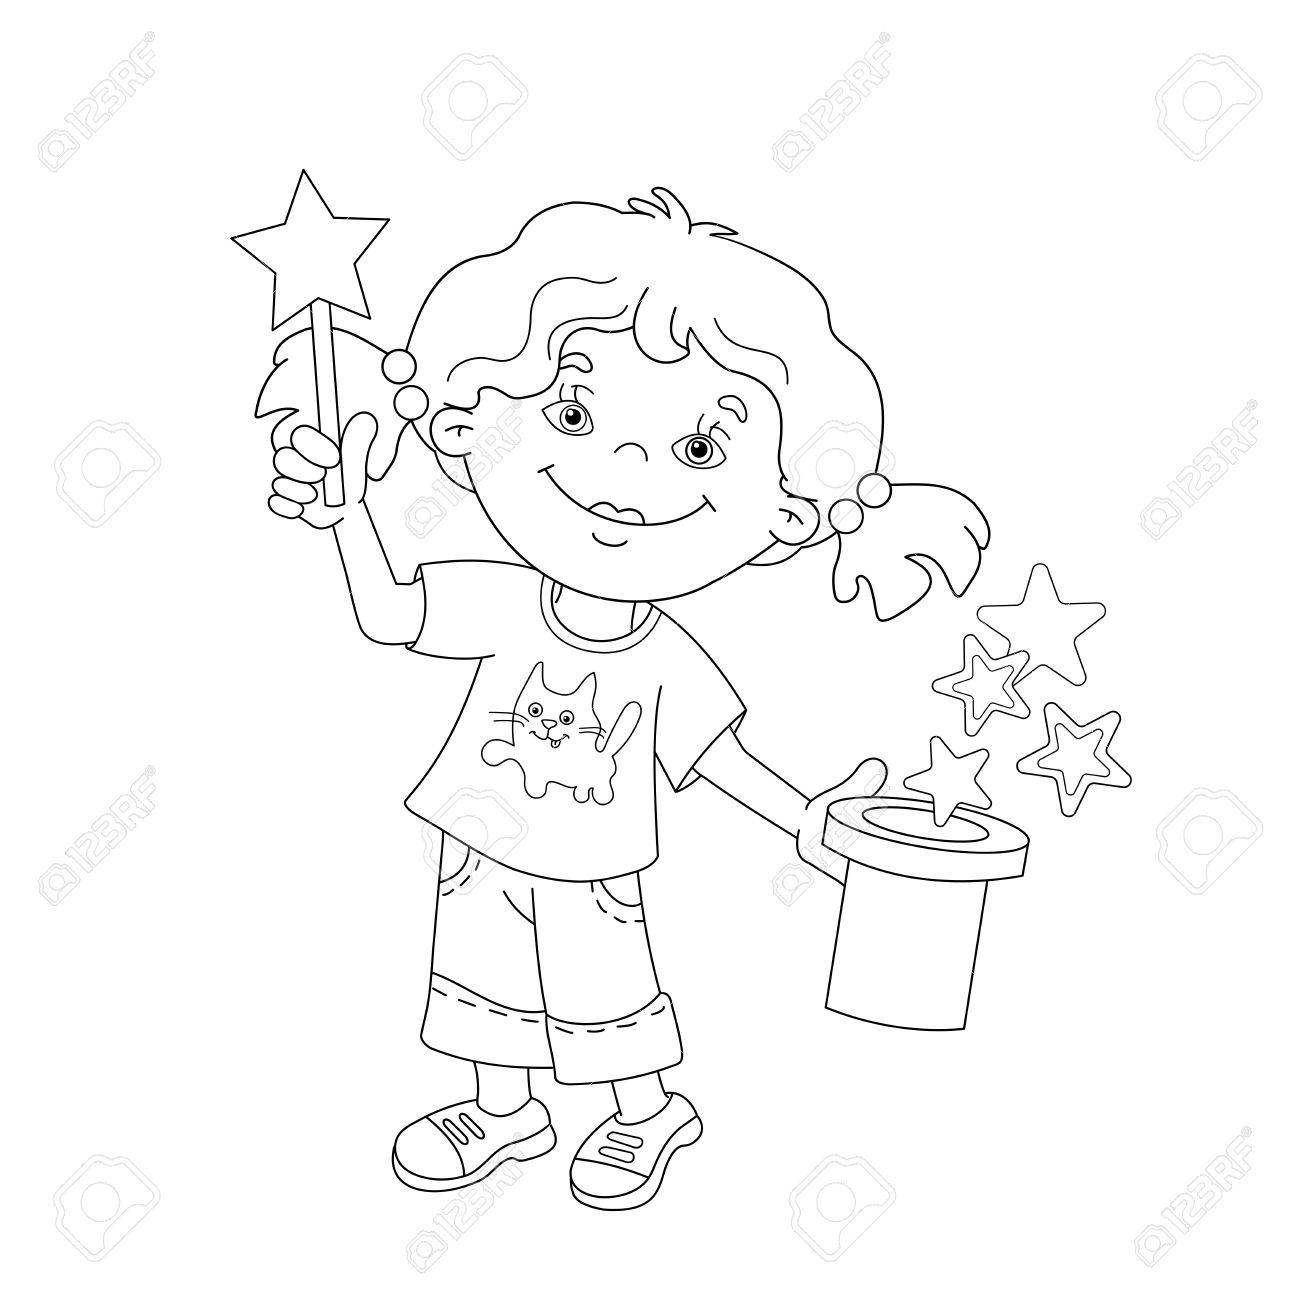 Coloriage Contour De Fille De Bande Dessinée Montrant La Mise Au Point Avec Une Baguette Magique Livre De Coloriage Pour Les Enfants